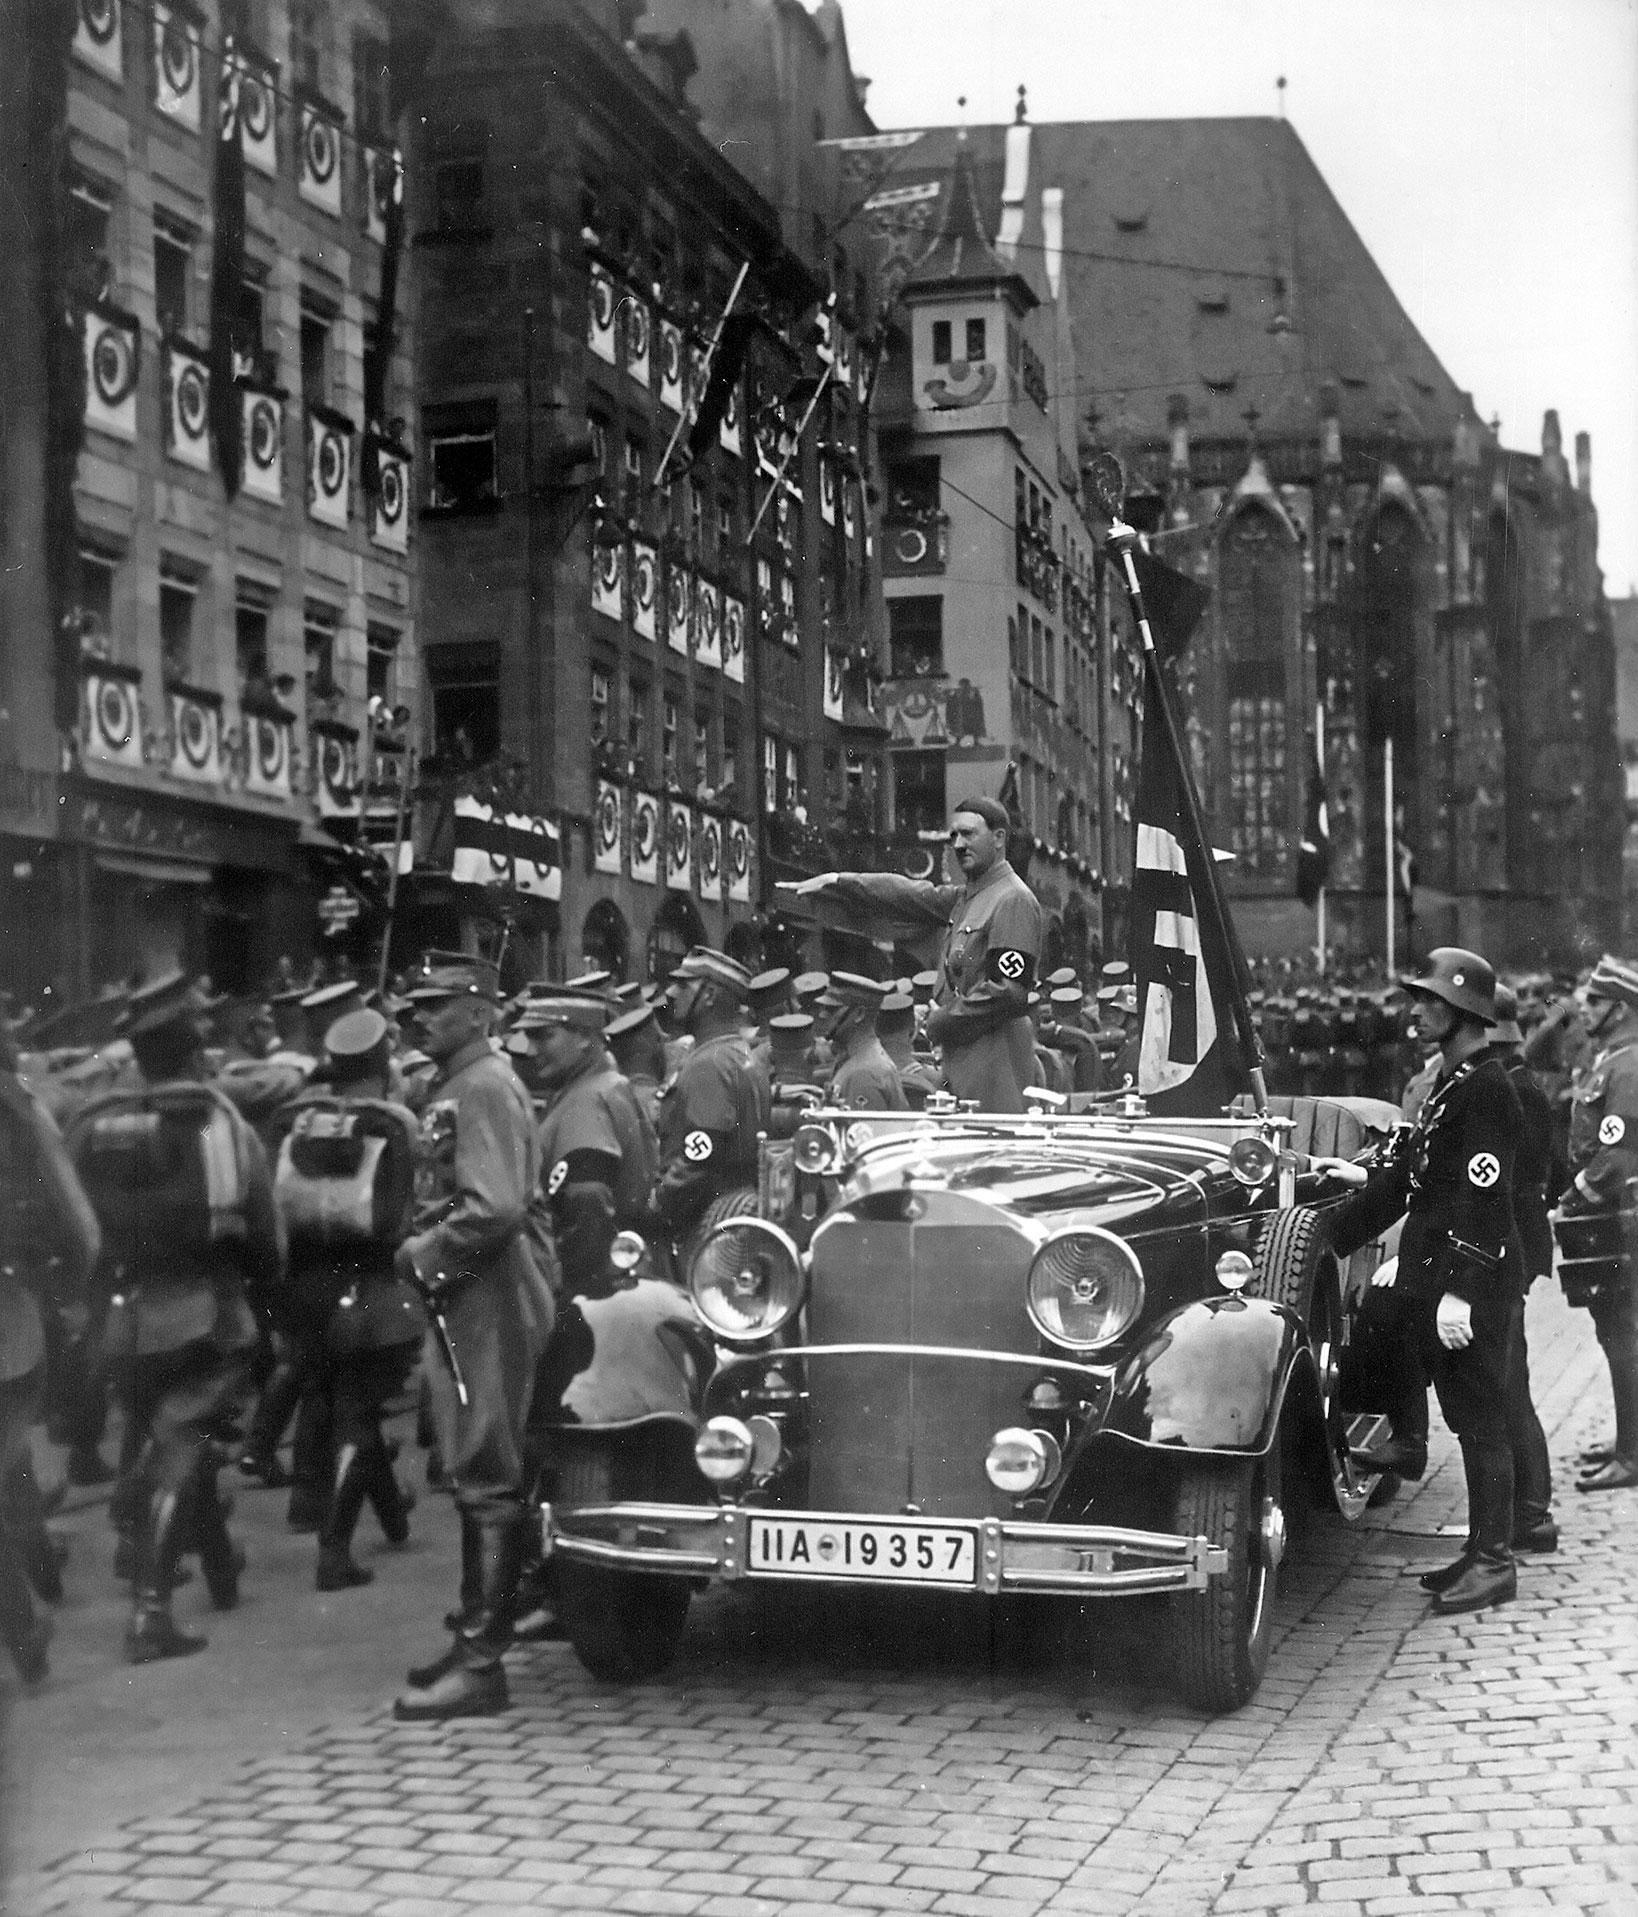 Hitler bei einer Parade anlässlich des Reichsparteitags im November 1935 auf dem Hauptmarkt (Nürnberg)